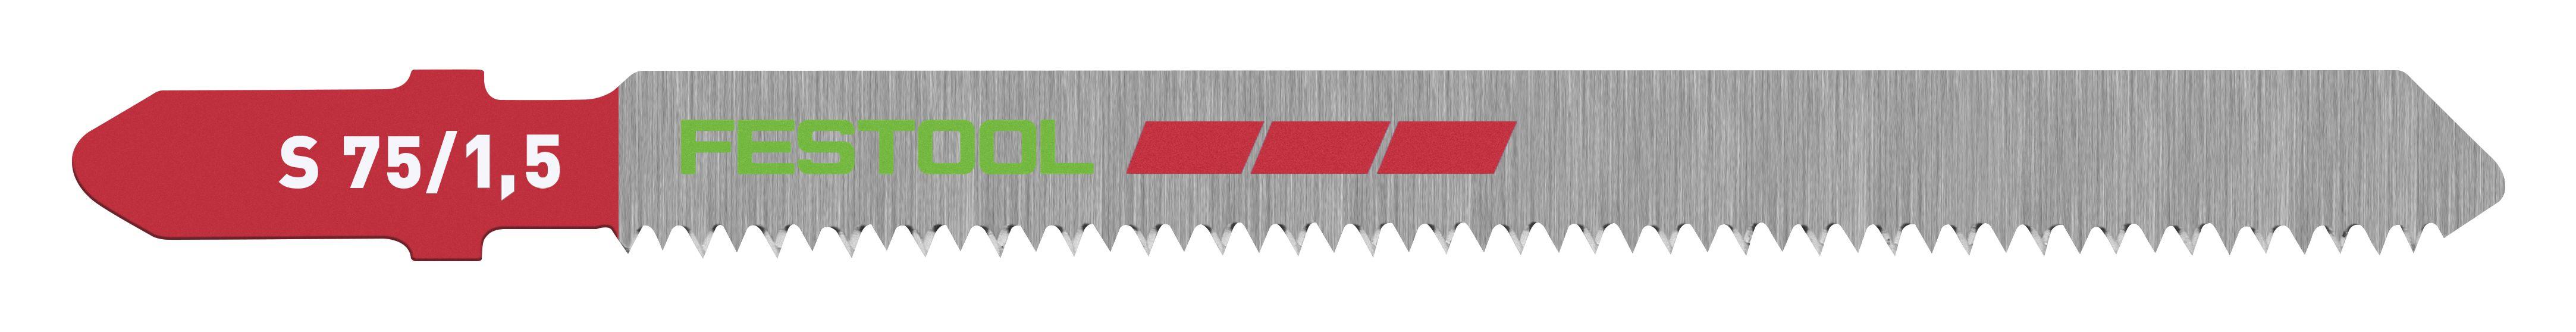 Festool Stingsagarblað fyrir plast, plexi gler og mjúkt plast 204268